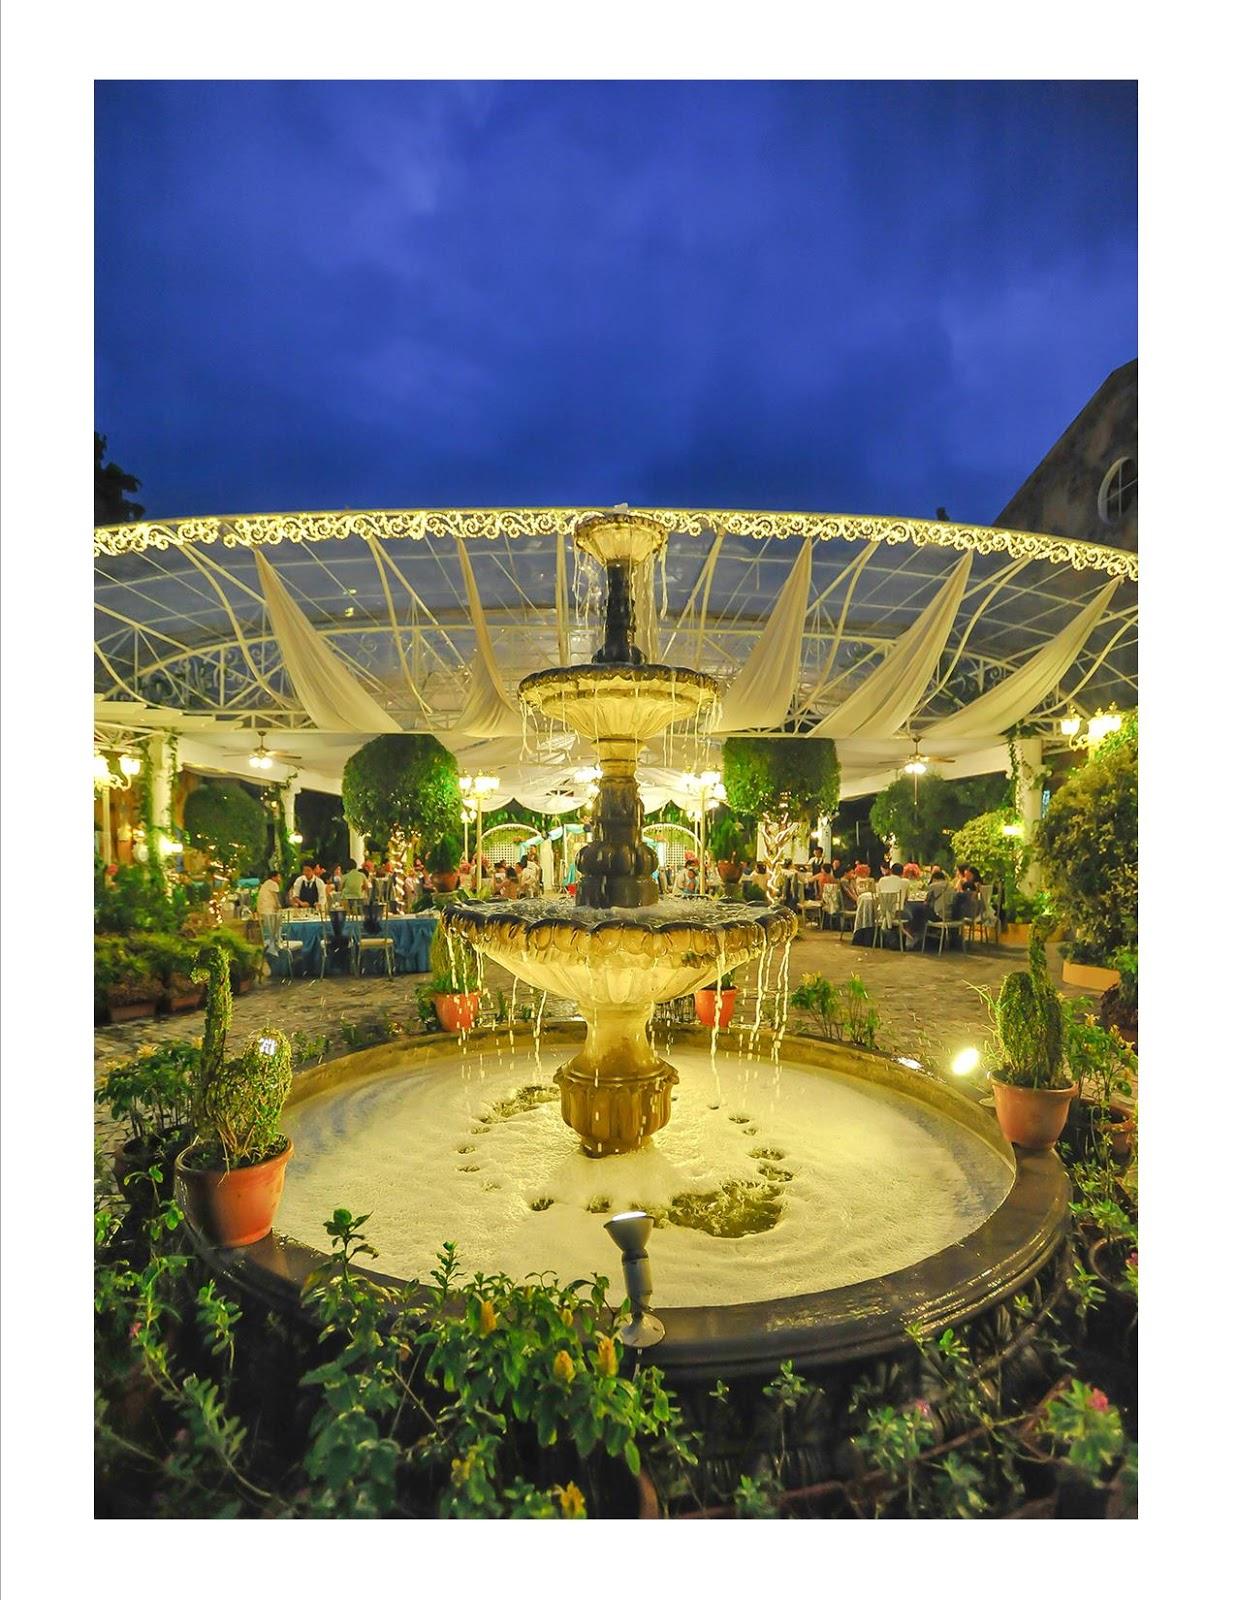 venue gardens events welcome quezon description